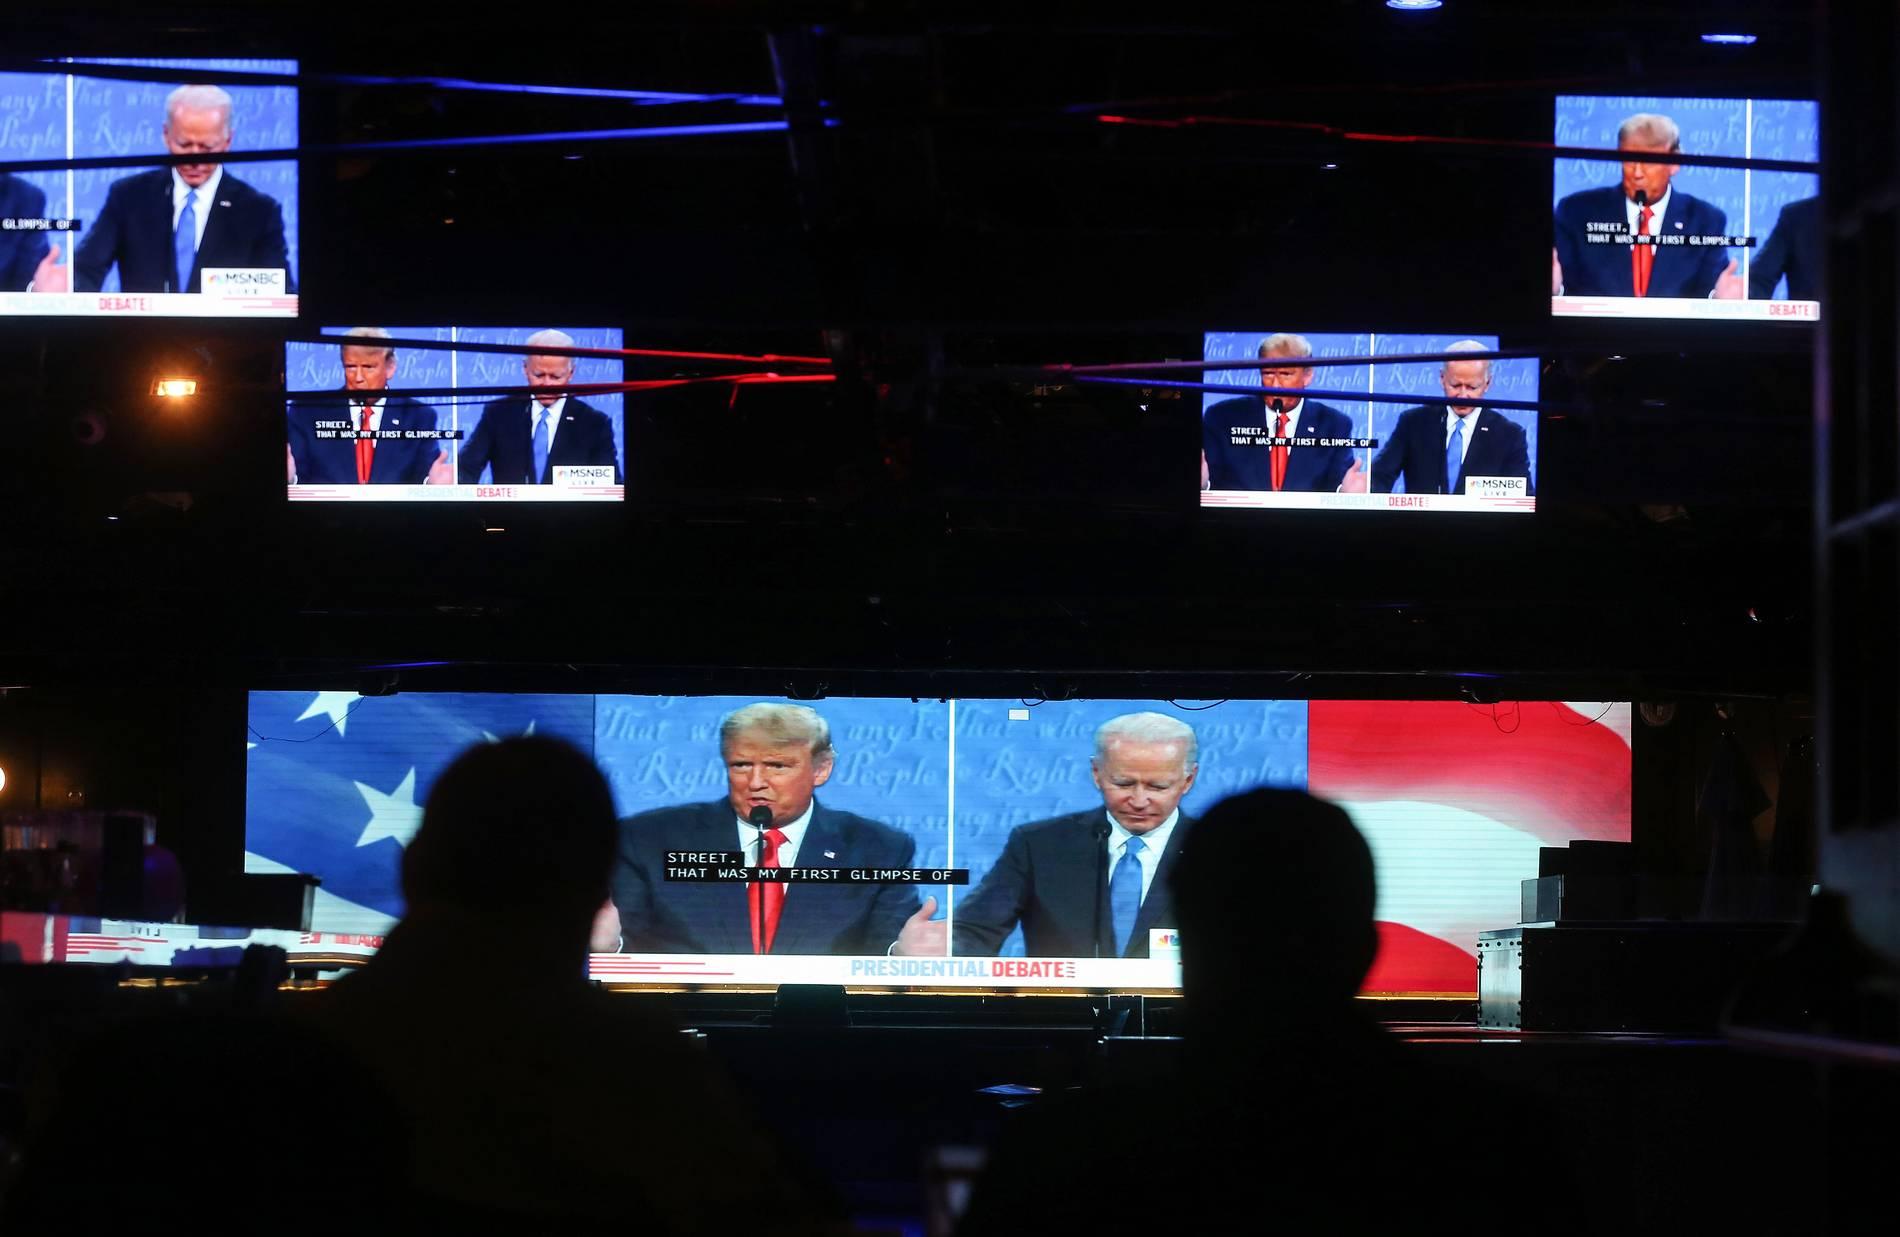 US-Wahl: Trump und Biden gelingt gesittete TV-Debatte